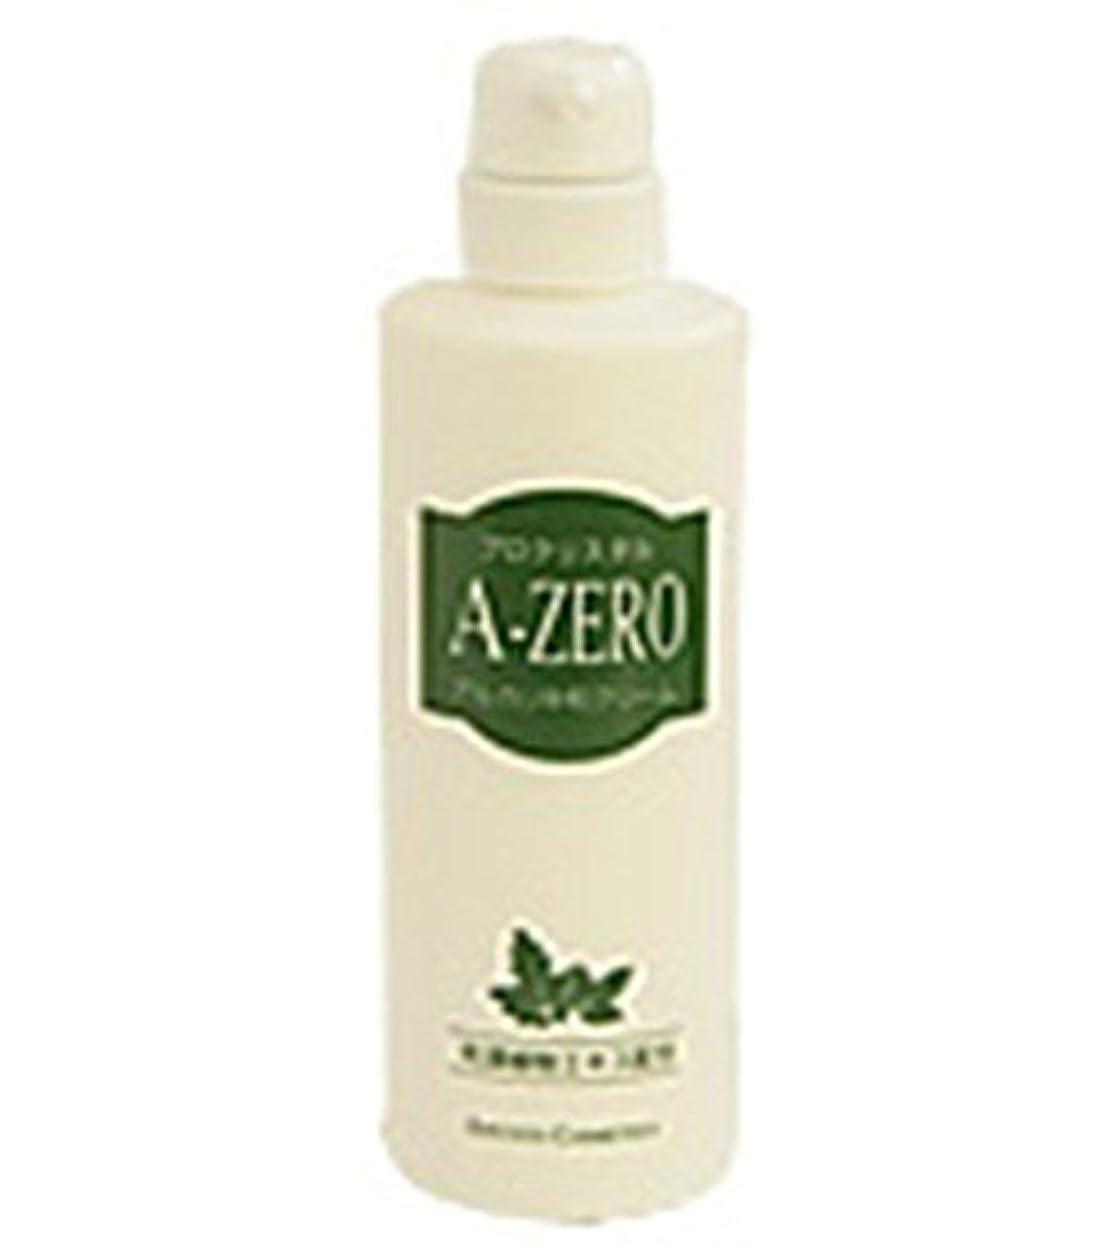 アペティート化粧品 プロクリスタル A-ZERO 500g